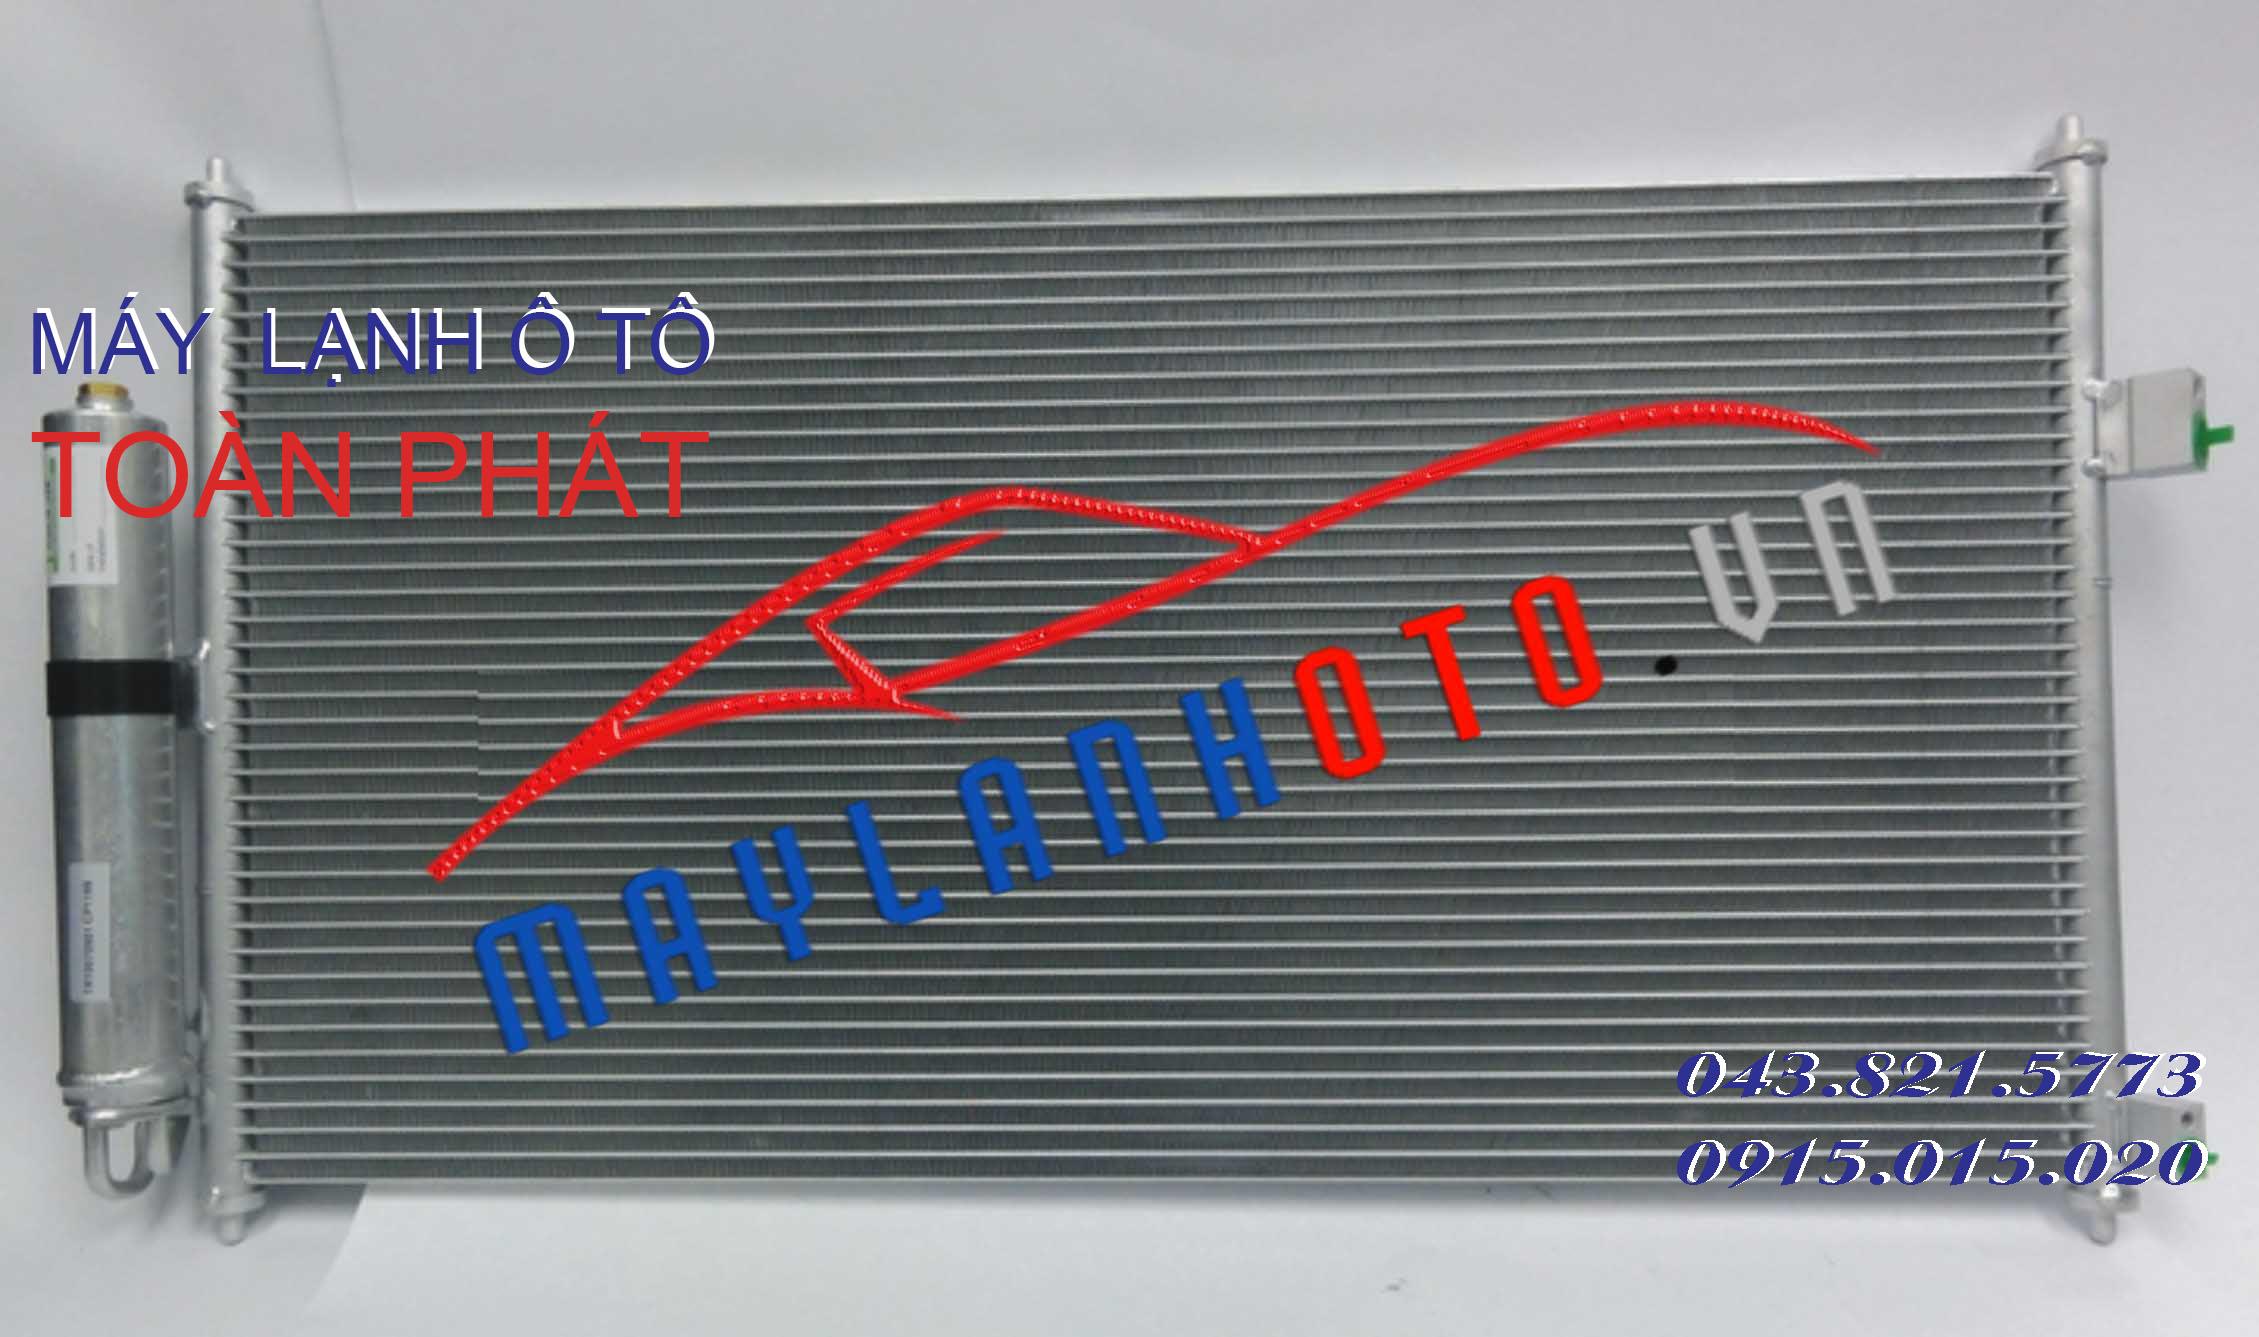 X - Trail / Giàn nóng điều hòa Mitsubishi X-Trail